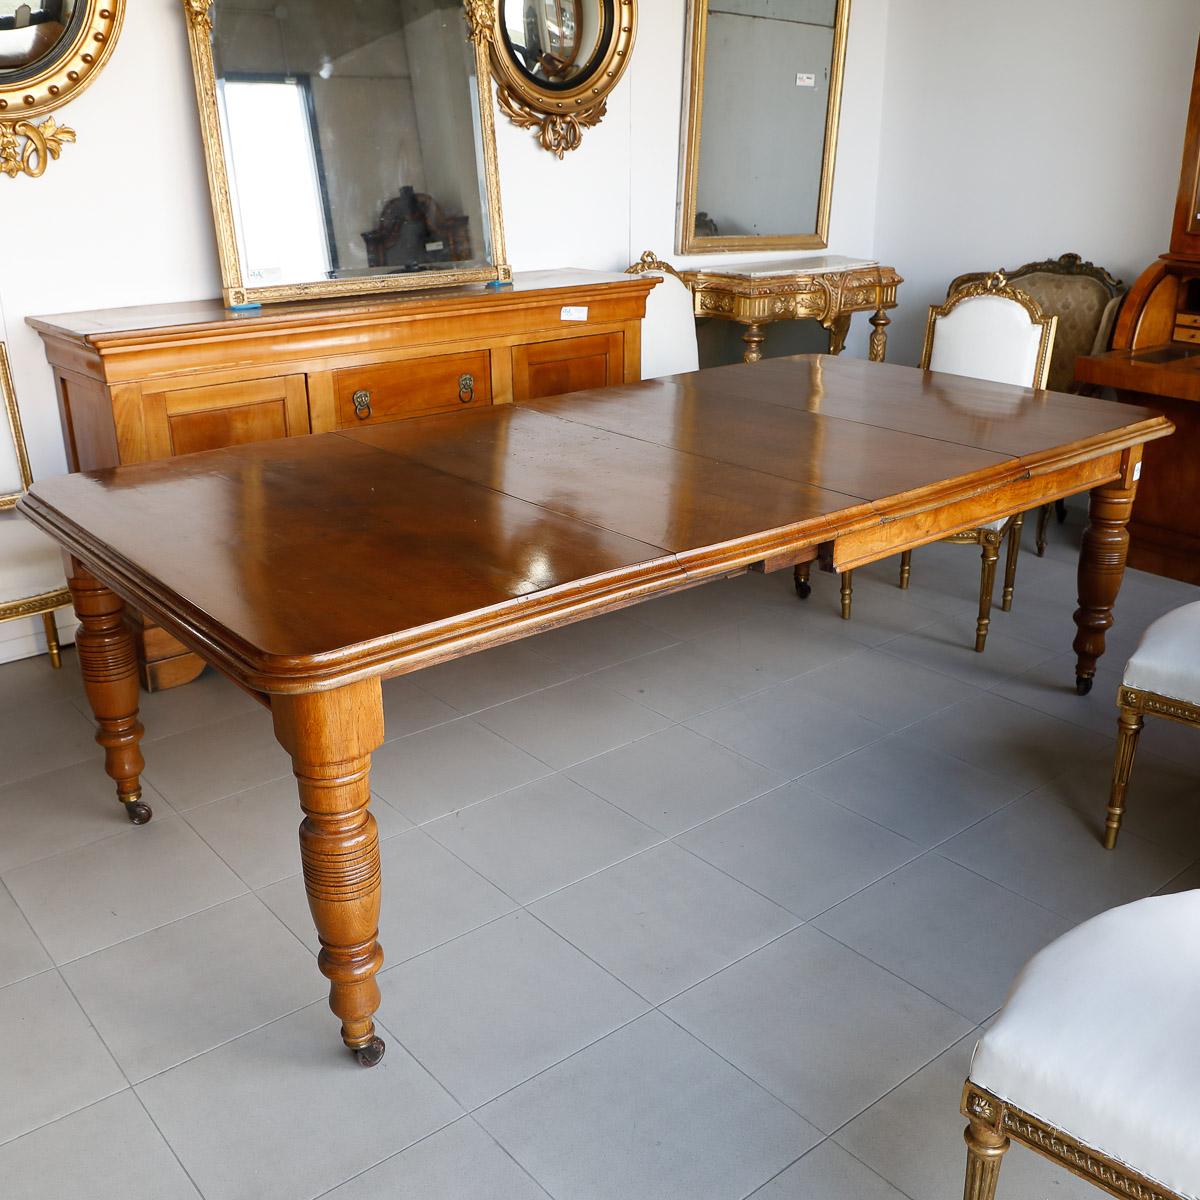 Tavolo a manovella allungabile in rovere e radica mobili sisi antiquariato - Mobili stile vittoriano ...